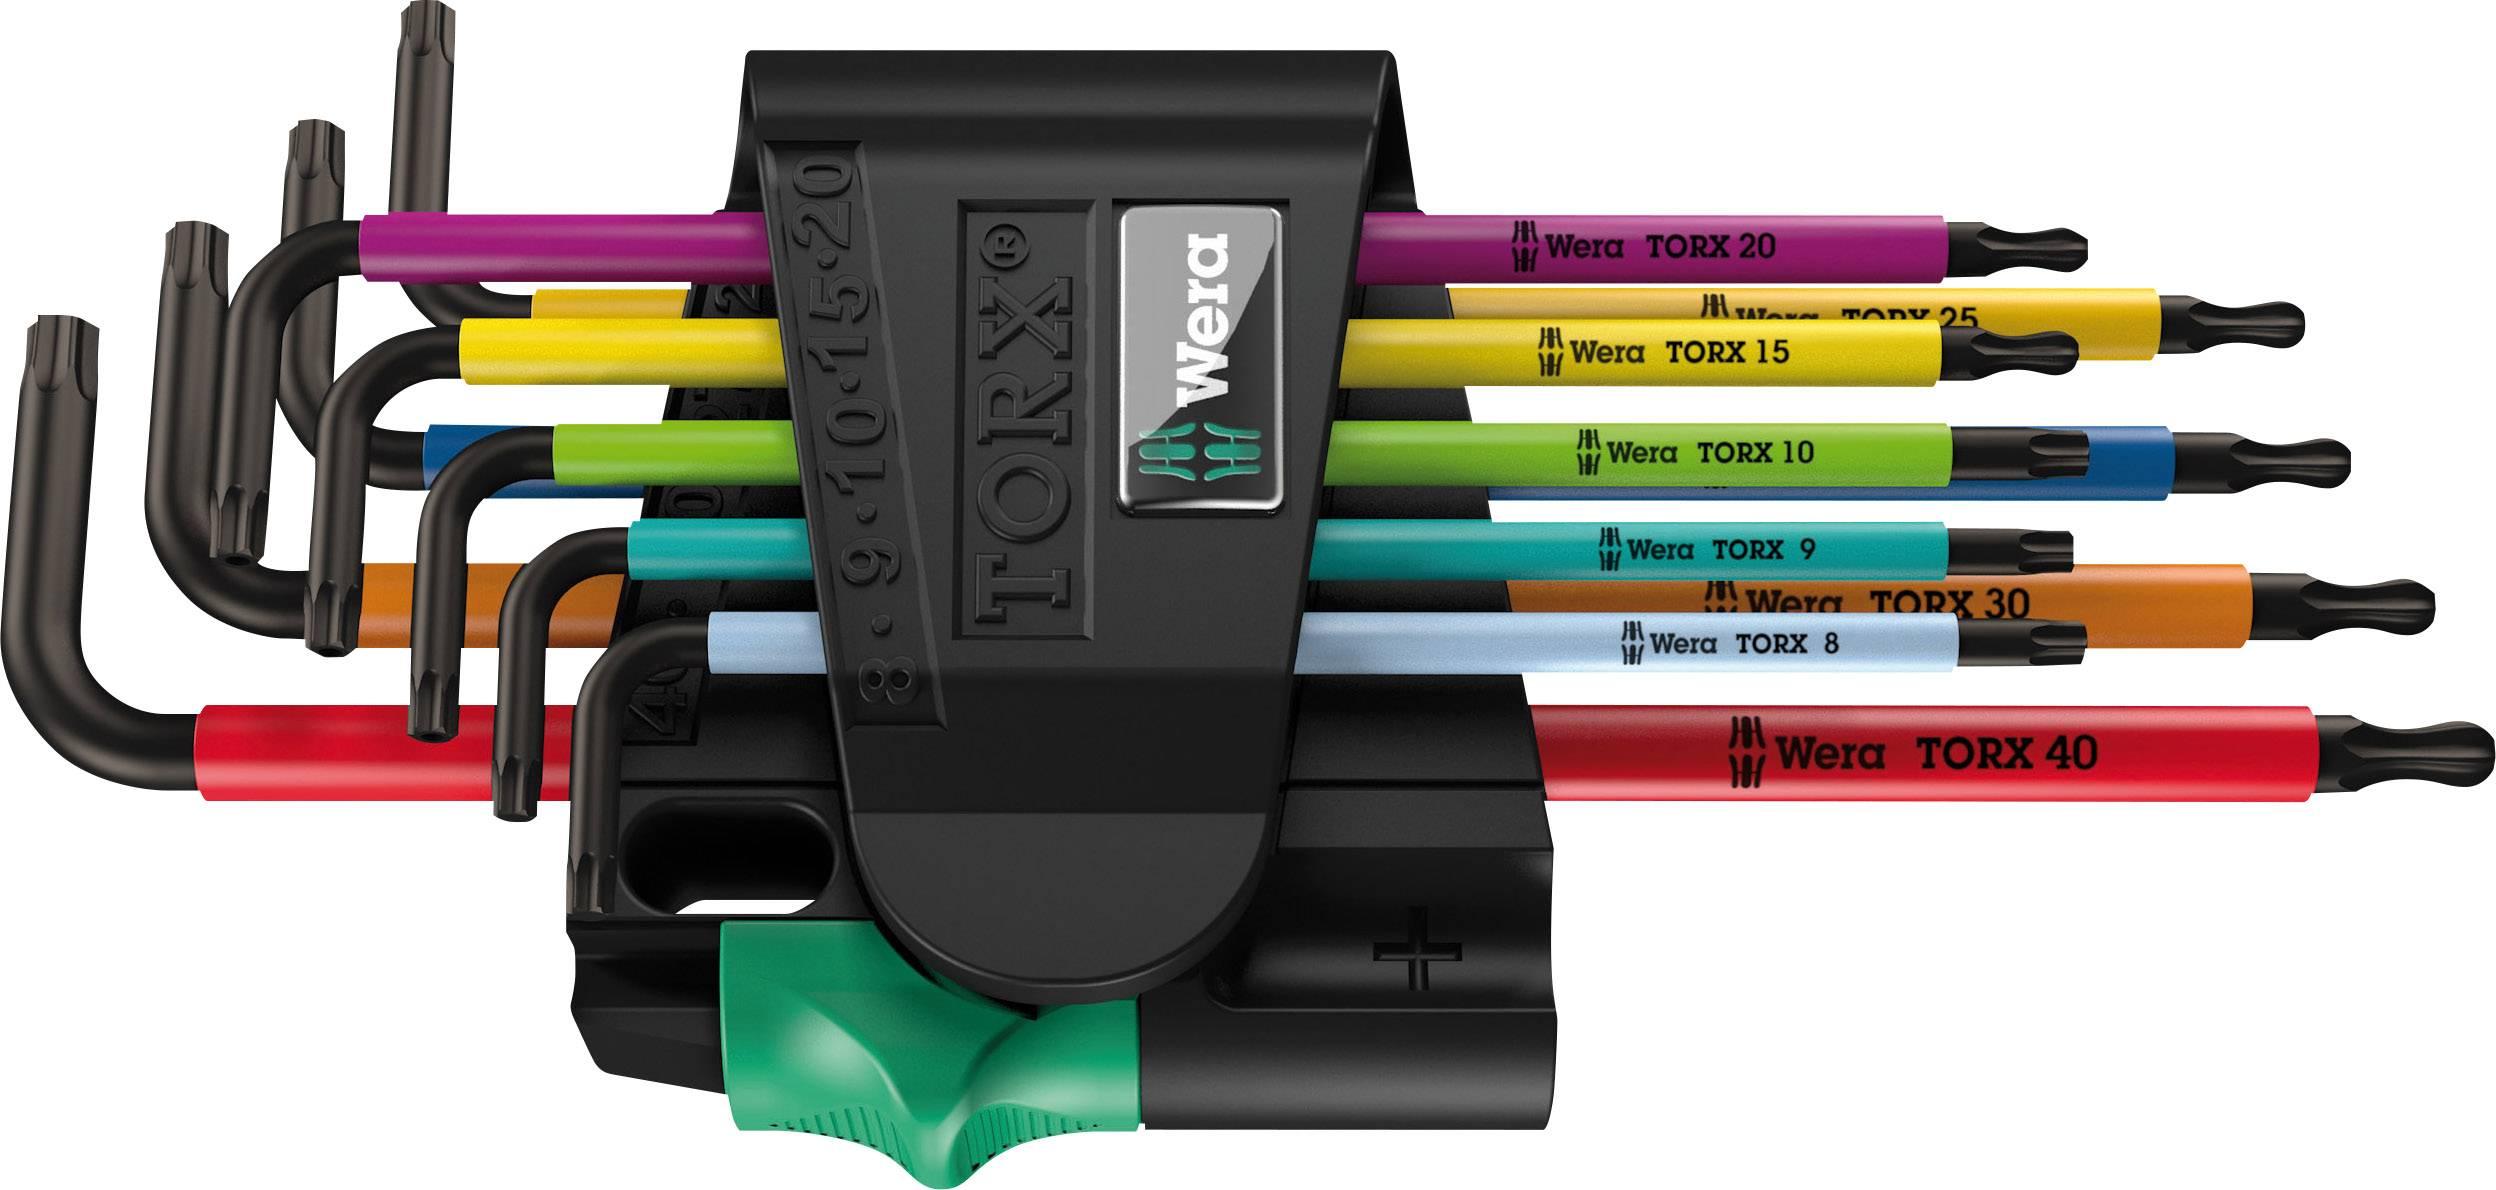 Wera 967 SPKL/9 Multicolour TO